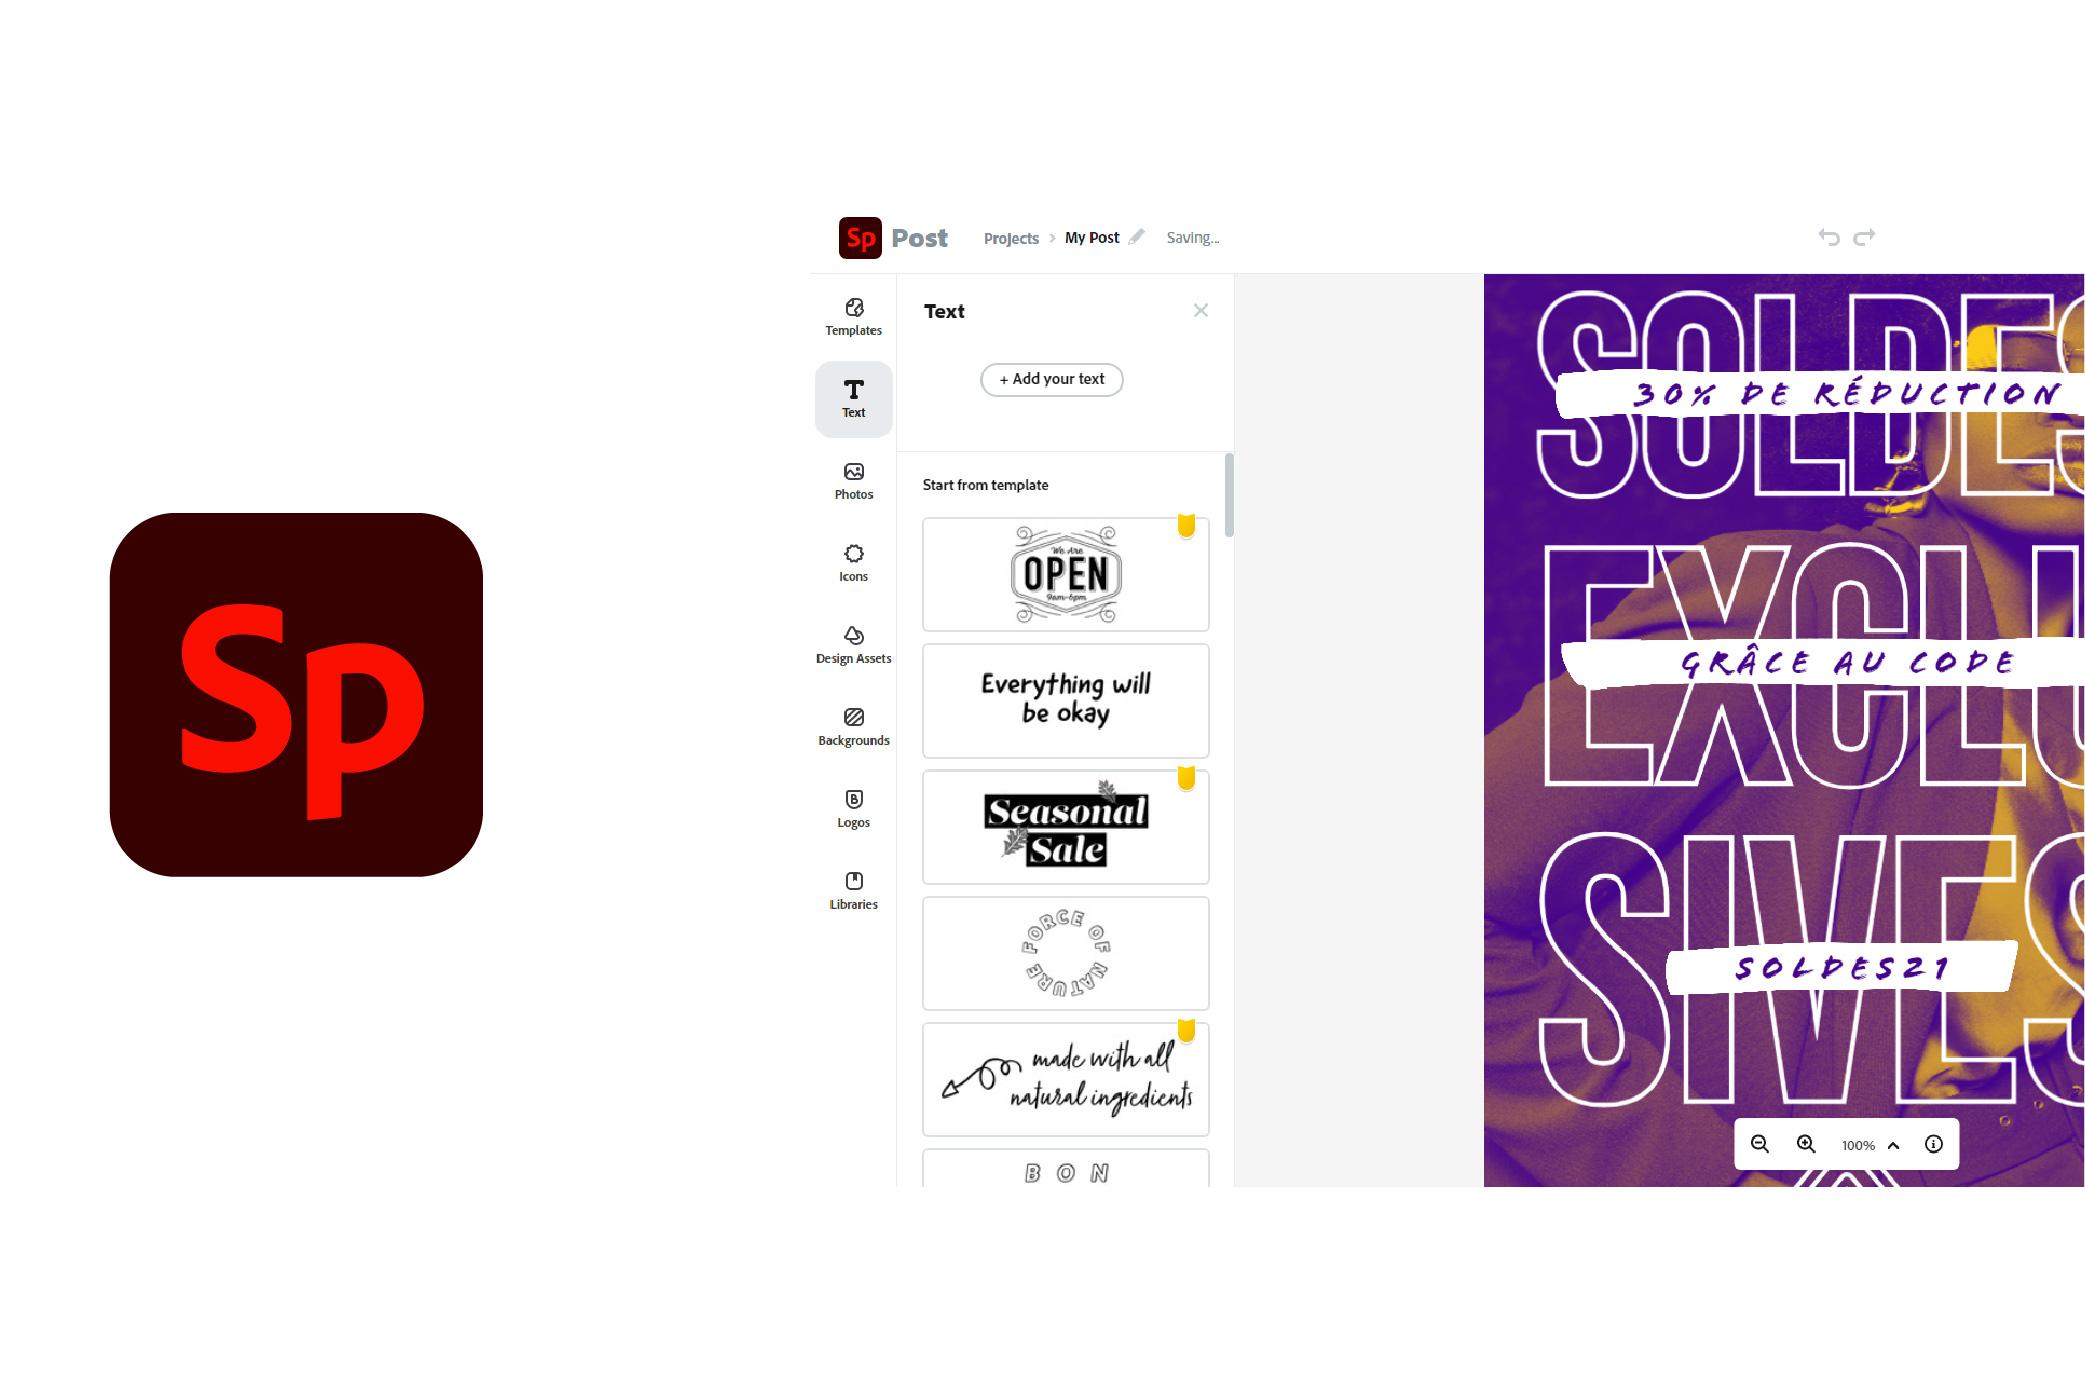 UI of Adobe Spark tool